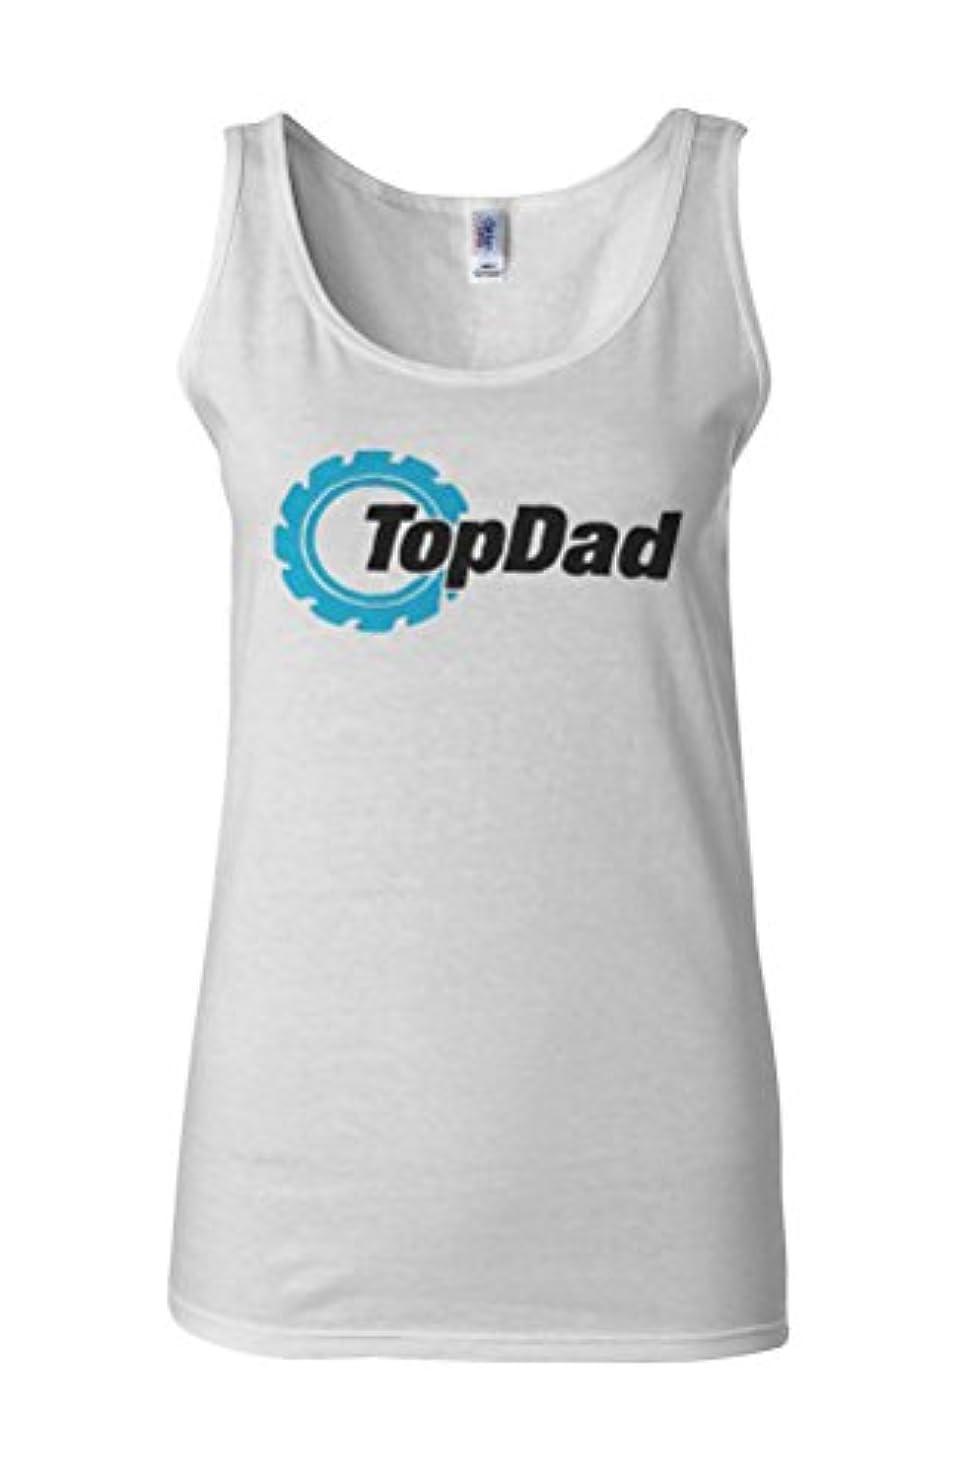 チップセンサー幻想的Top Dad Family Father`s Day Gift Novelty White Women Vest Tank Top